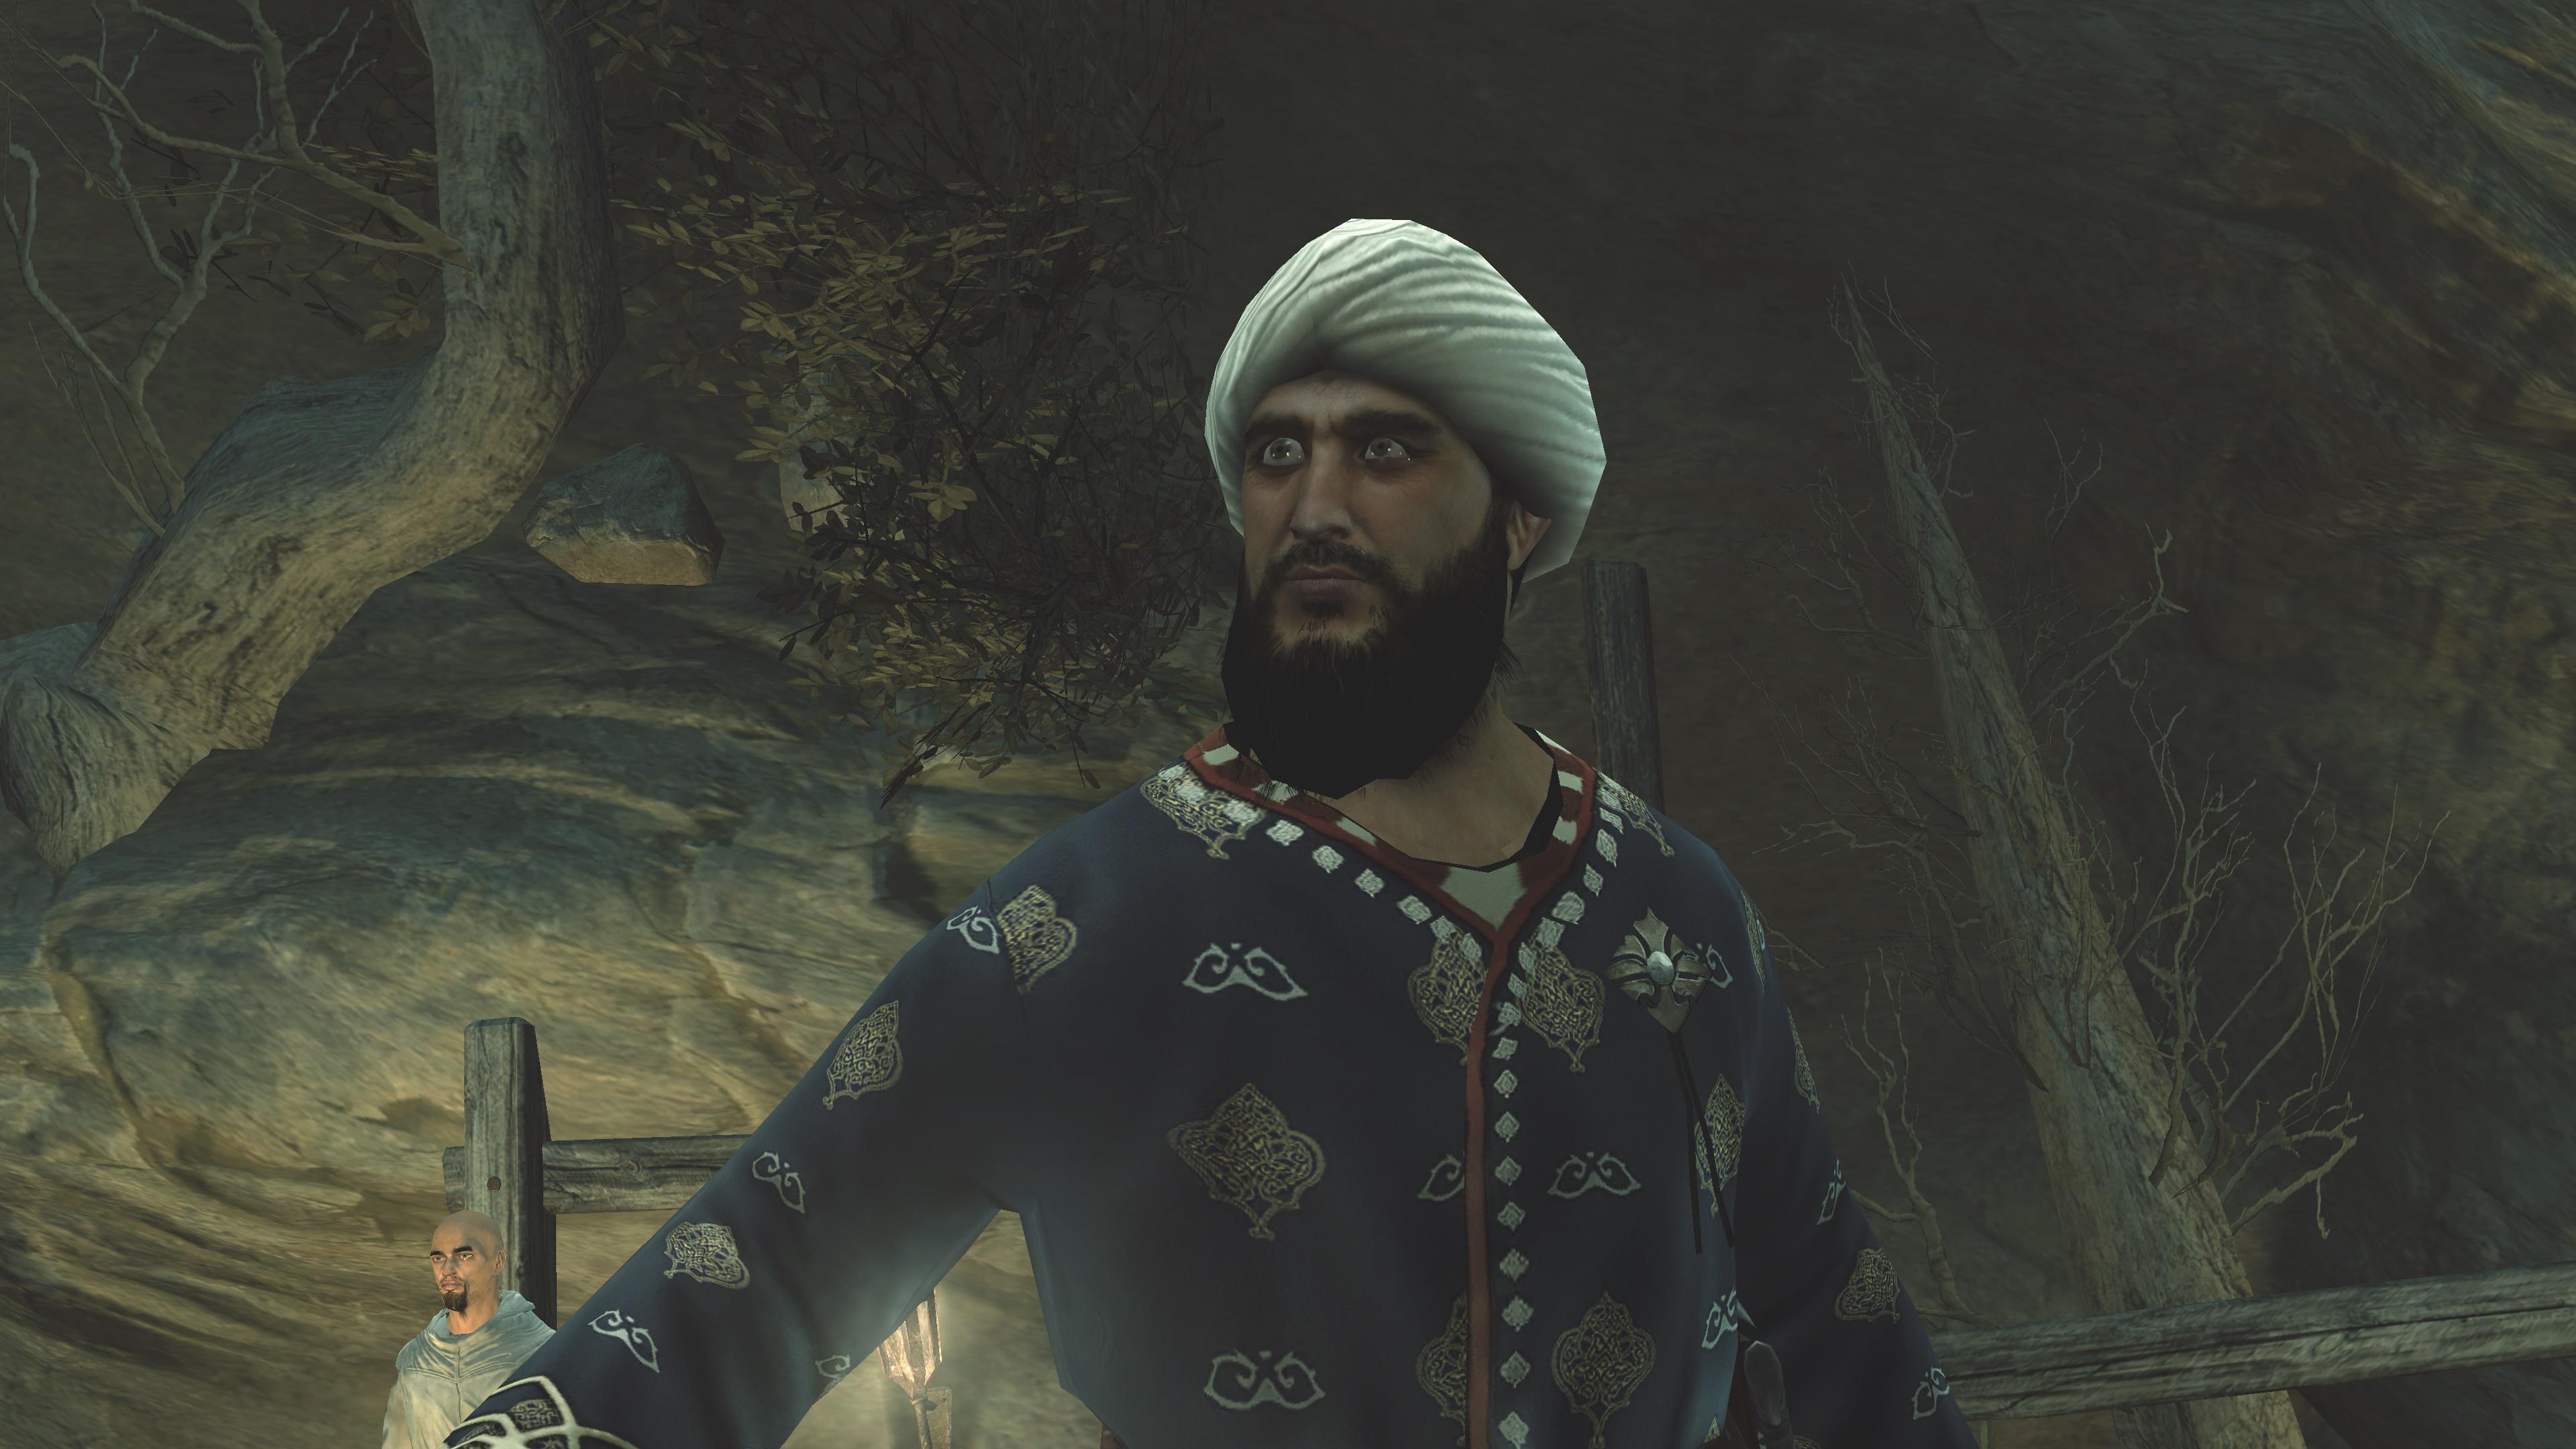 AssassinsCreed_Dx10 2020-02-13 23-04-05-157.jpg - Assassin's Creed